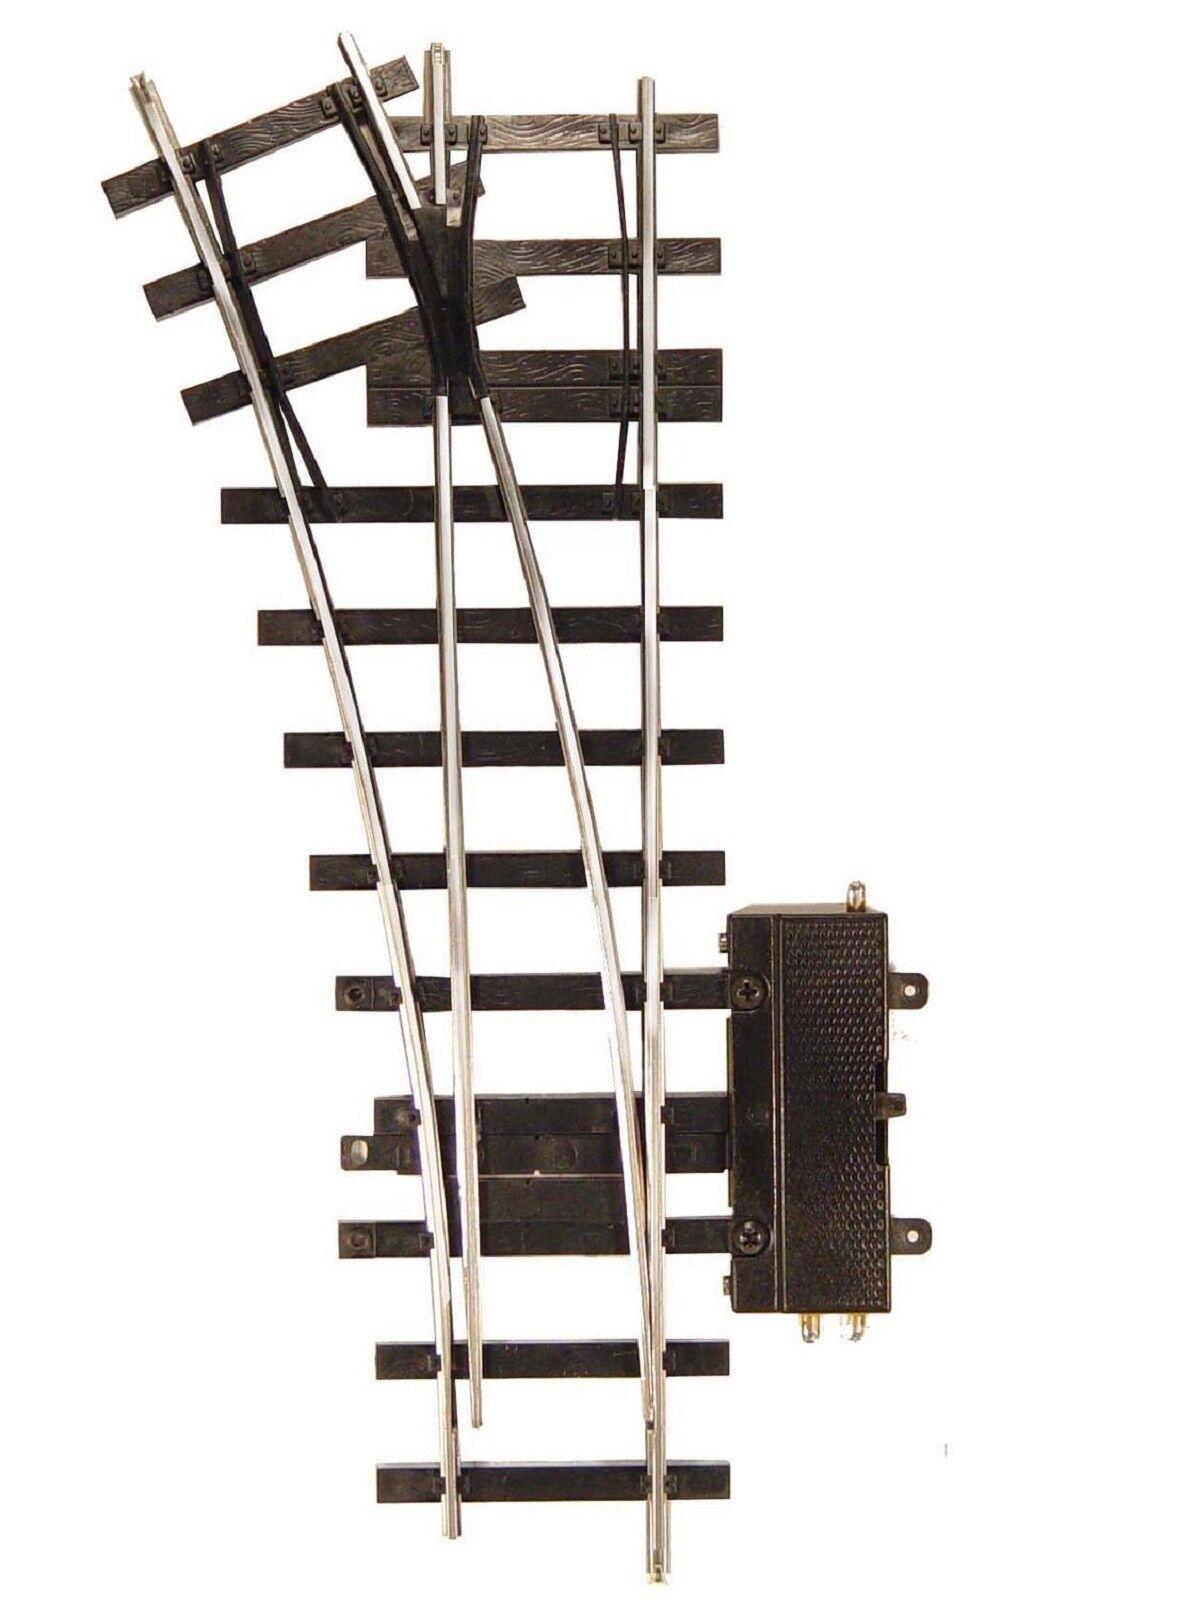 652 aiguillage droit motorisé avec eclisses ETS Train ech O 1/43